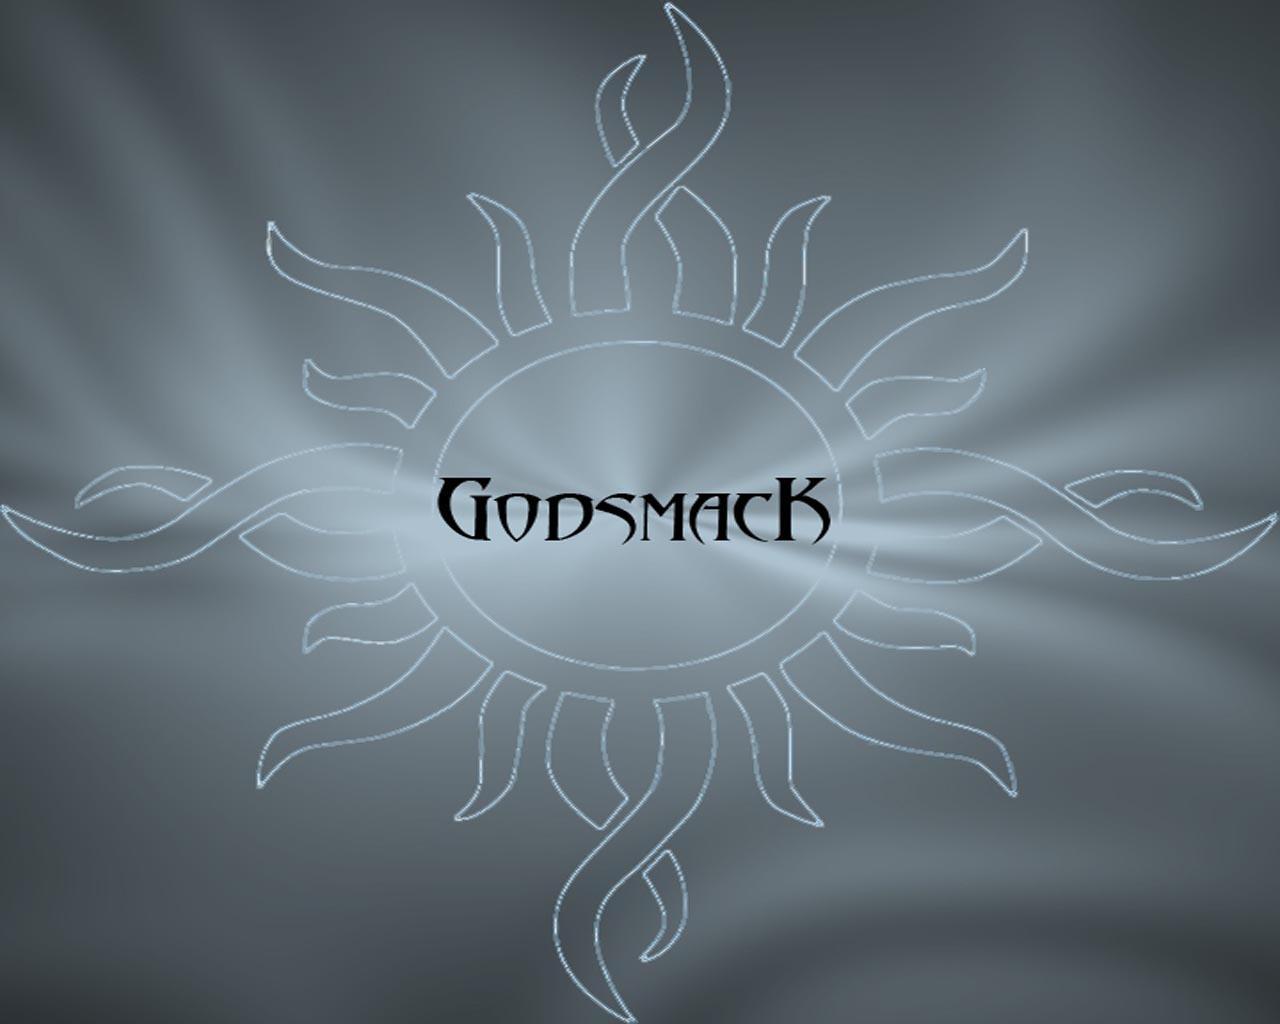 godsmack wallpaper 2 by ixnayspyder on deviantart